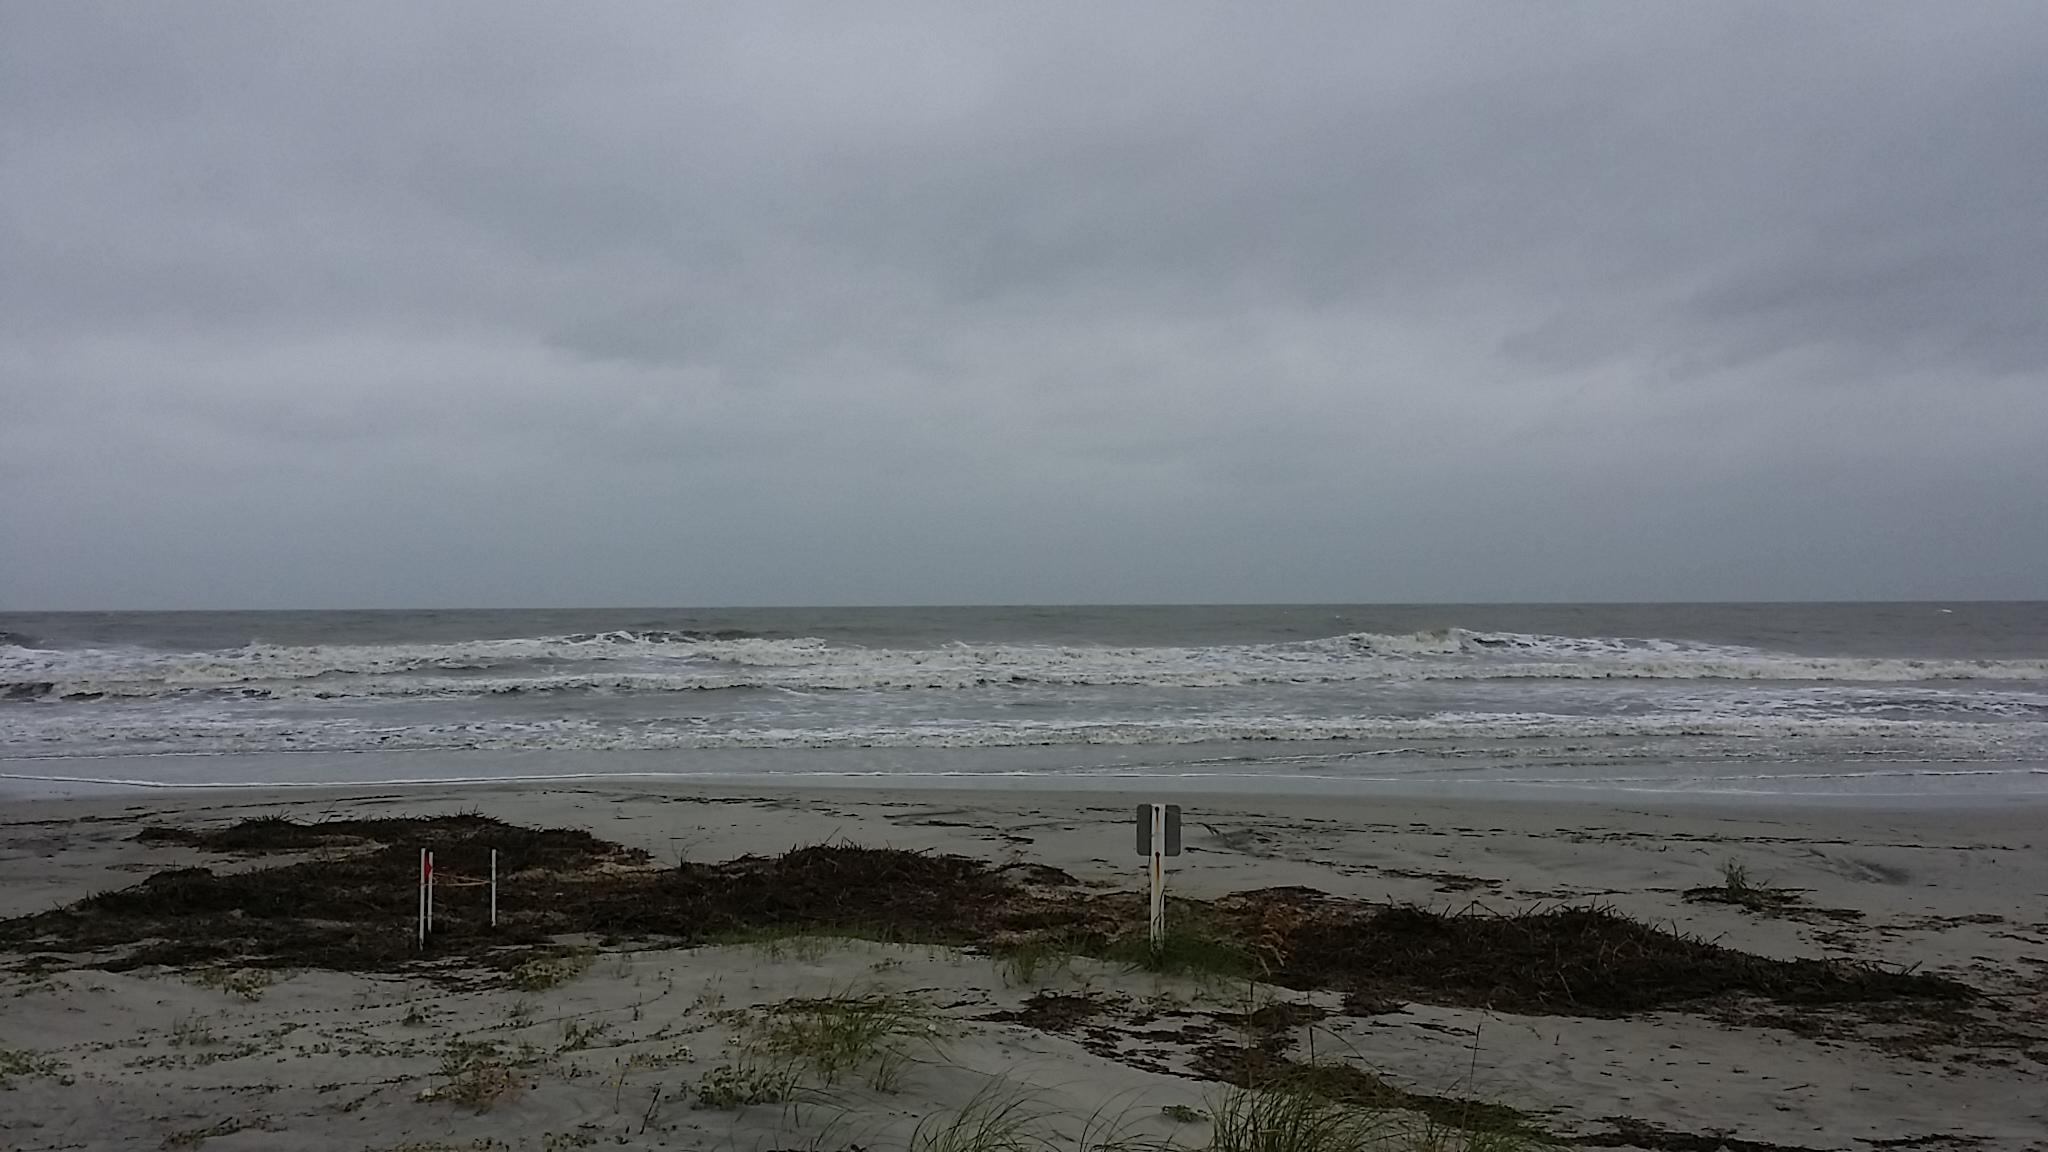 Sea Pines Beach - Hurricane Irma